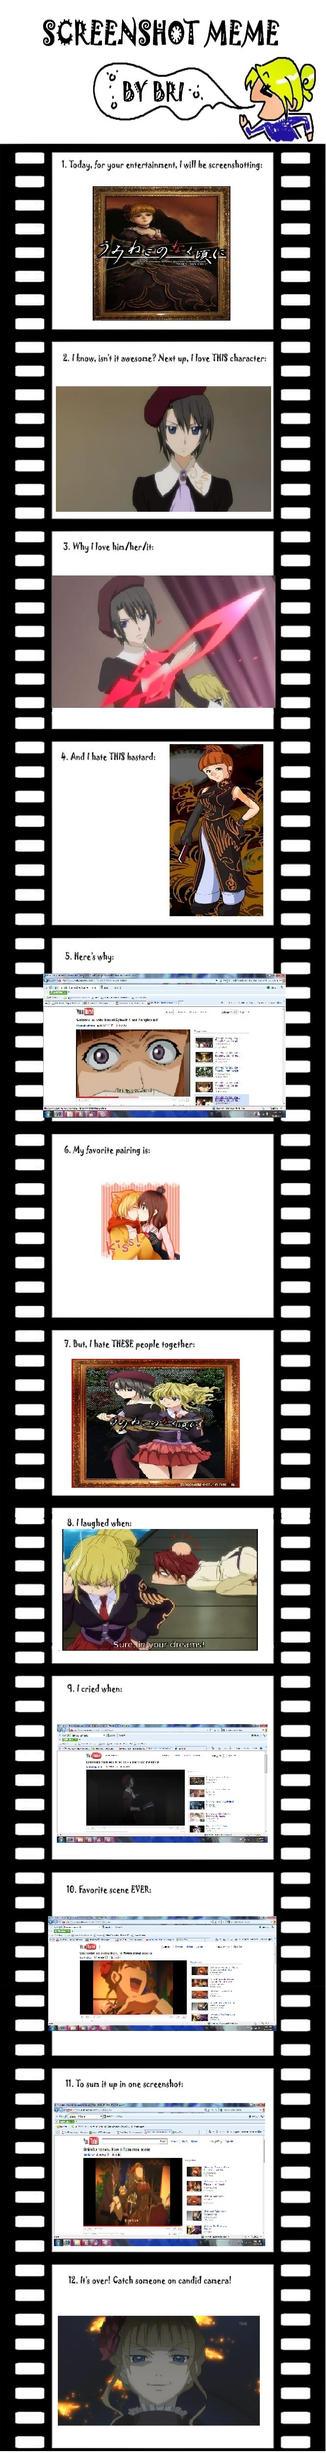 Umineko meme by specter-fangal